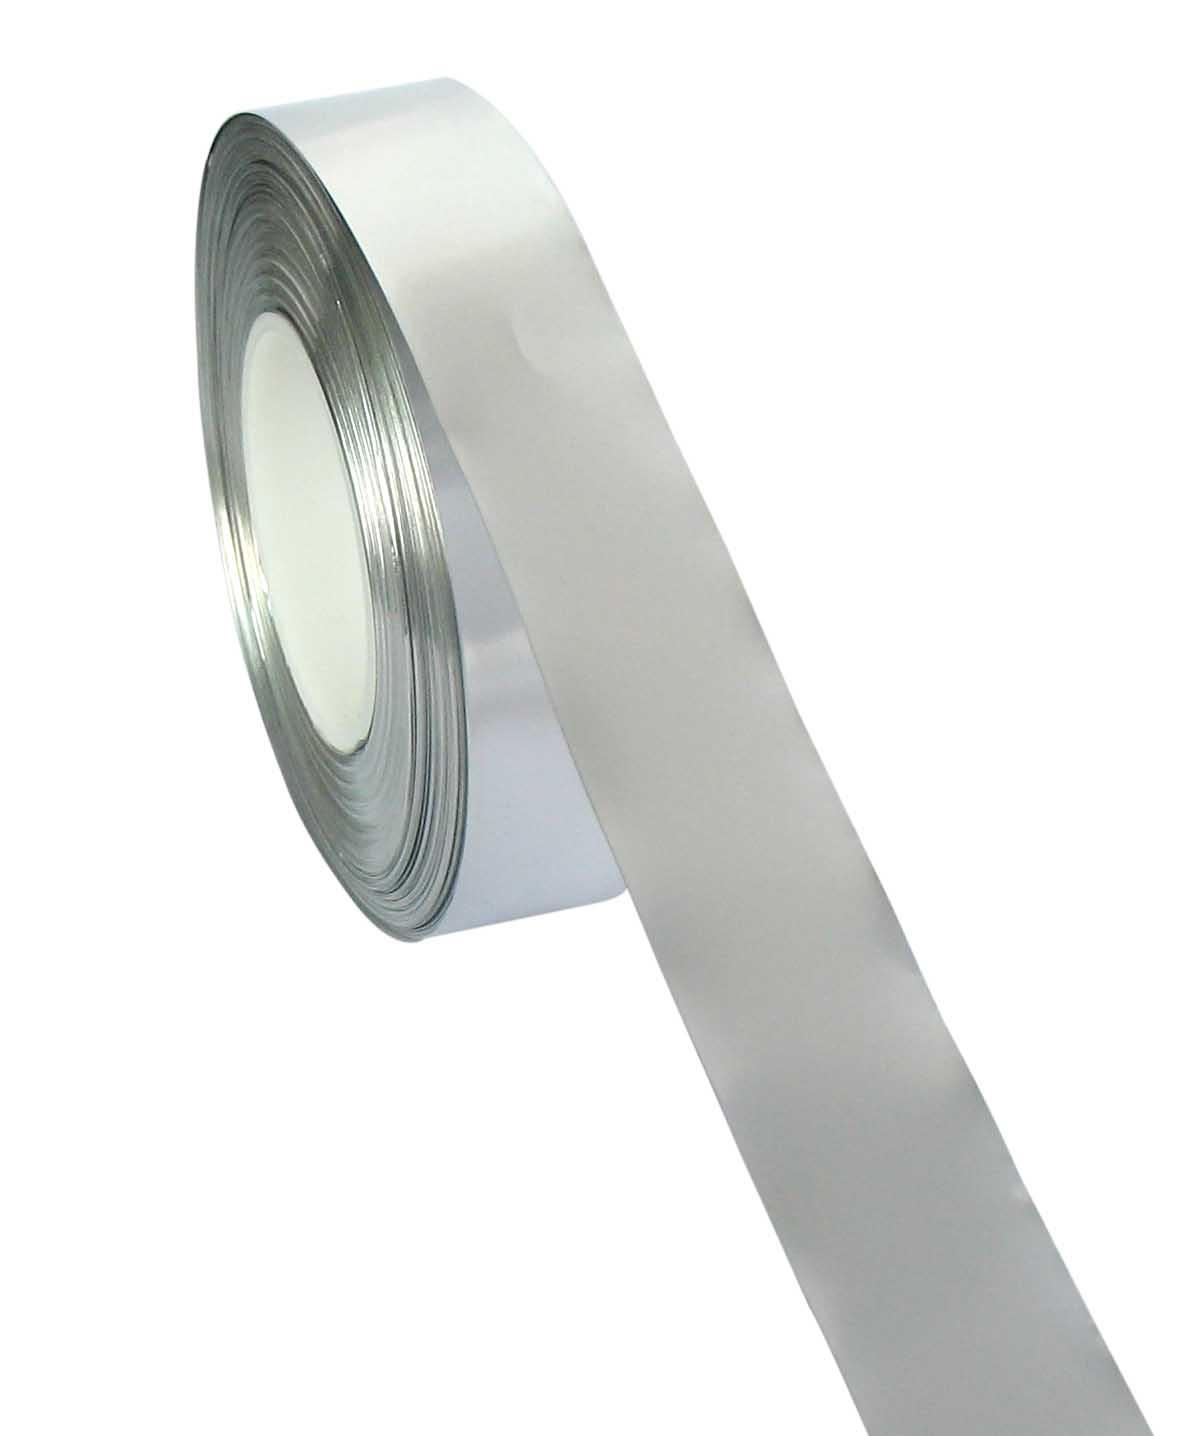 导电滑环结构图